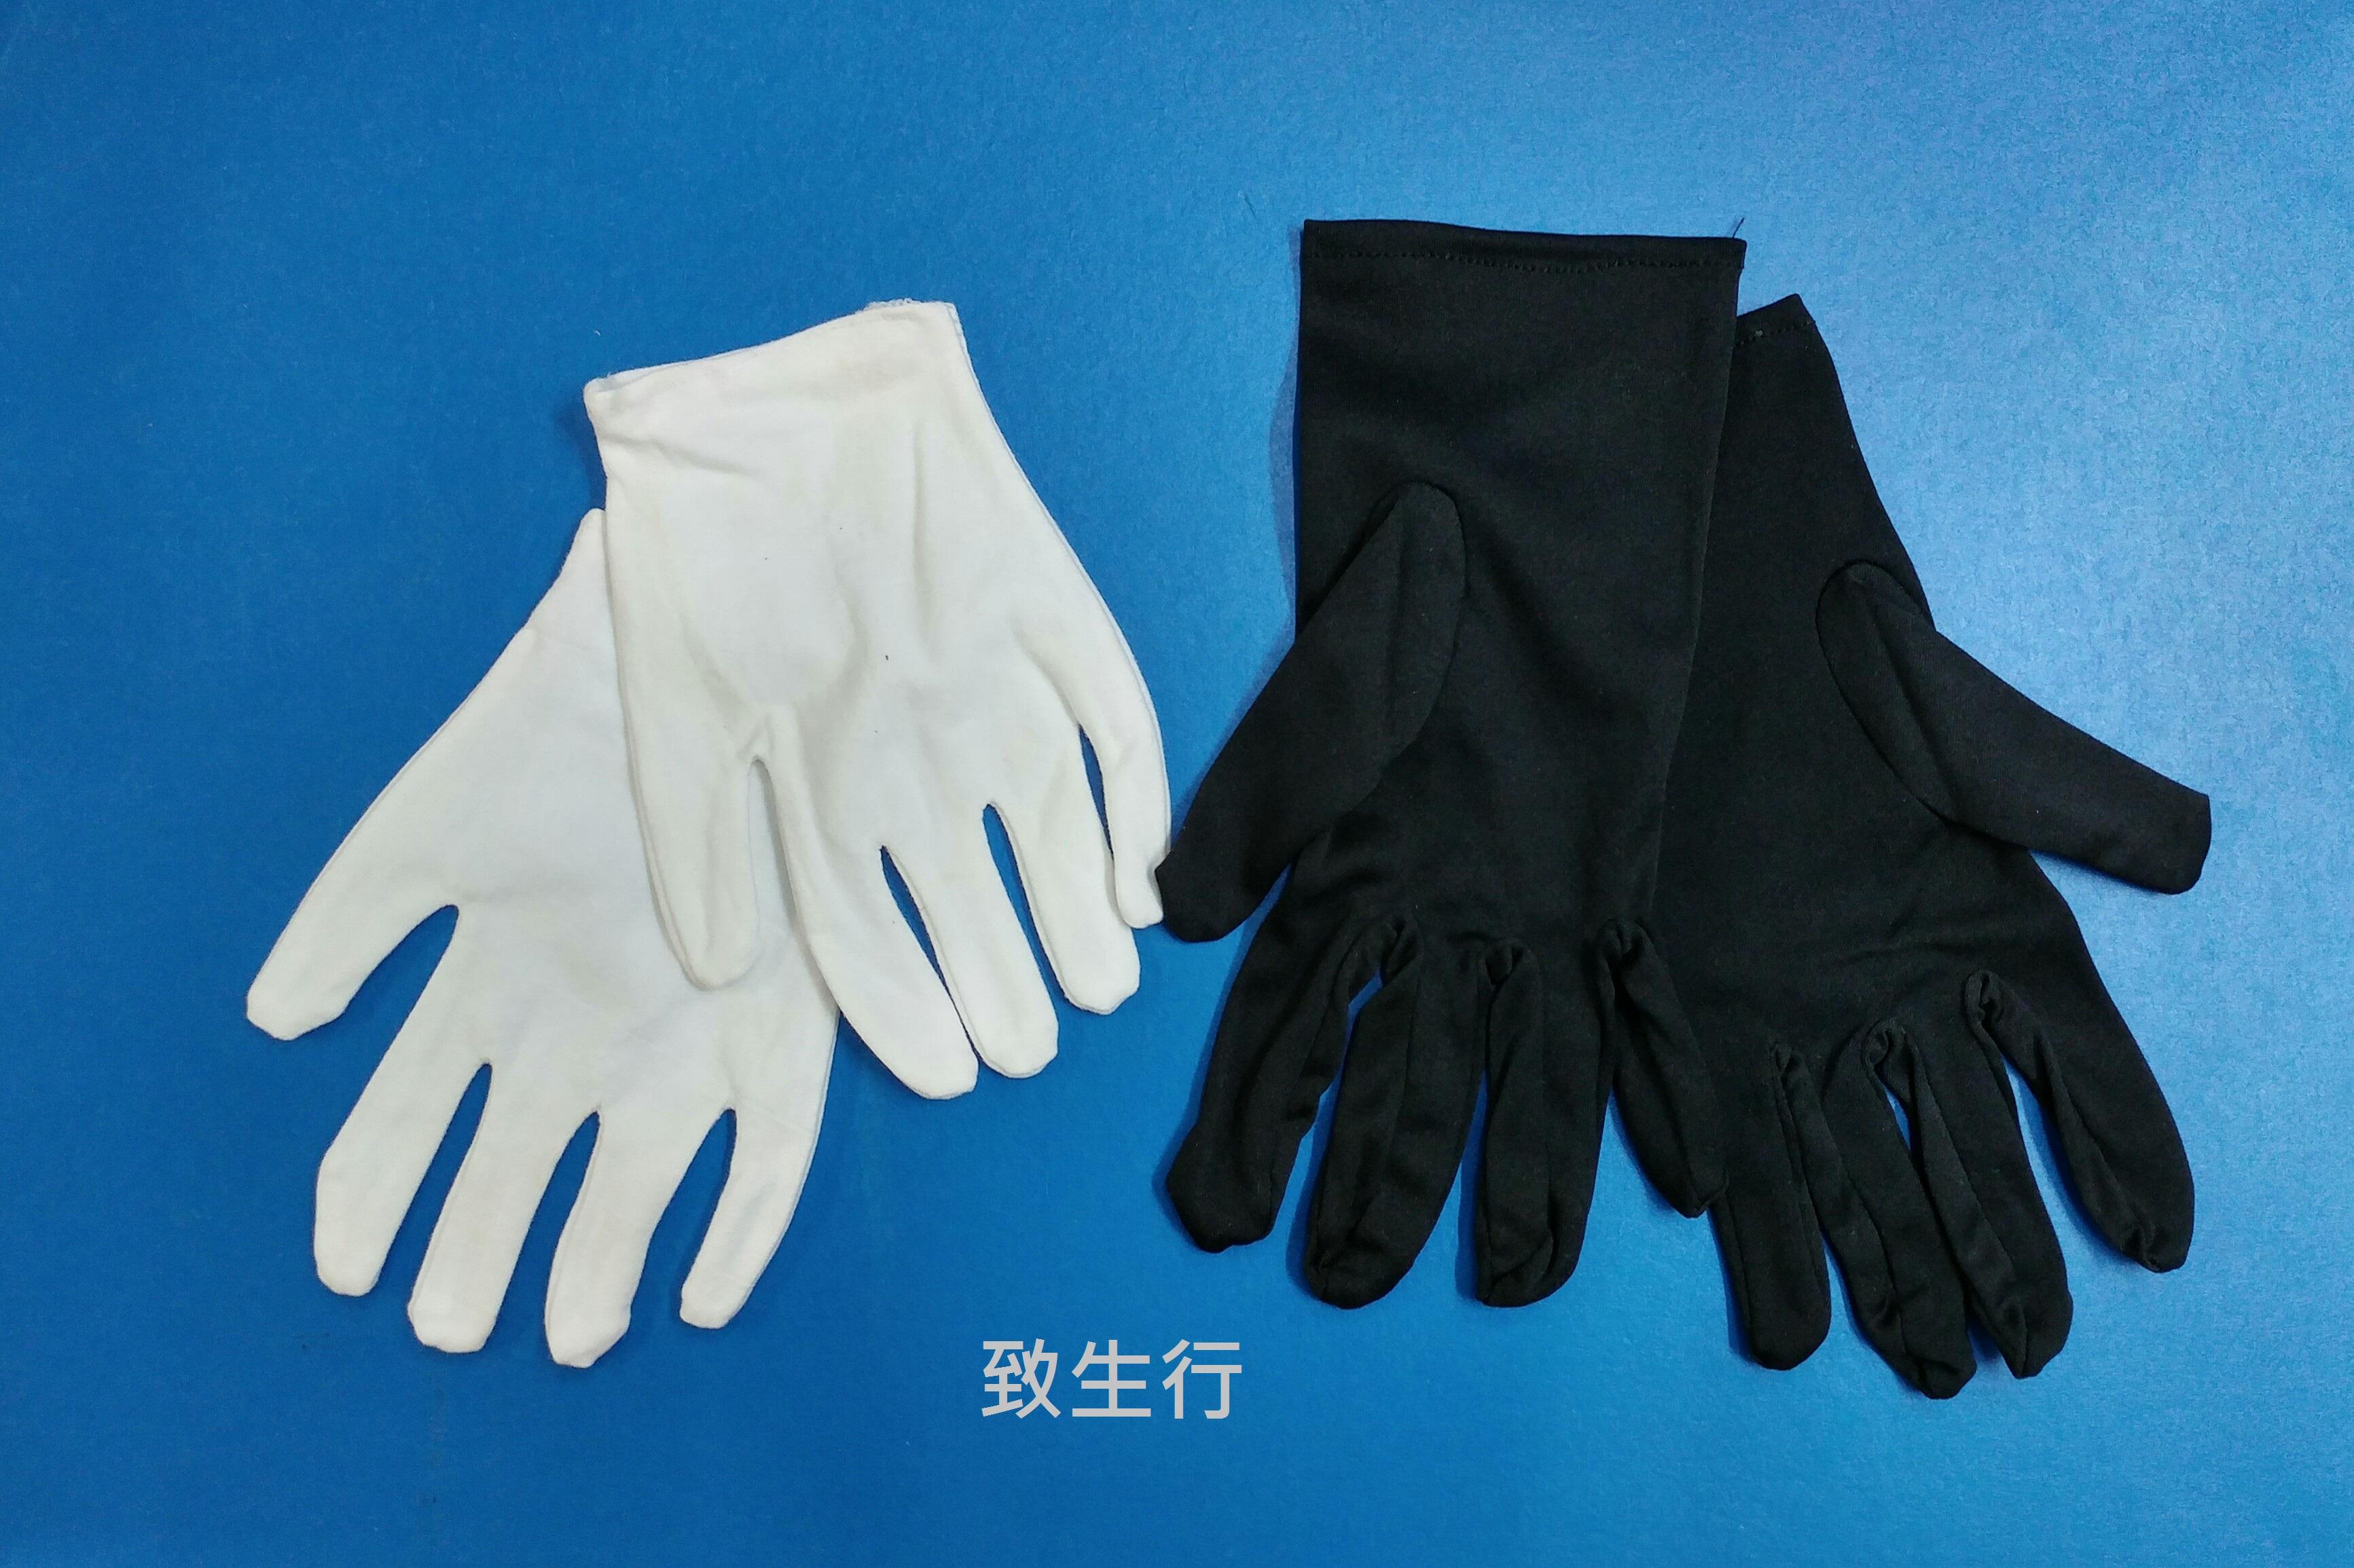 黑色, 白色綿手套